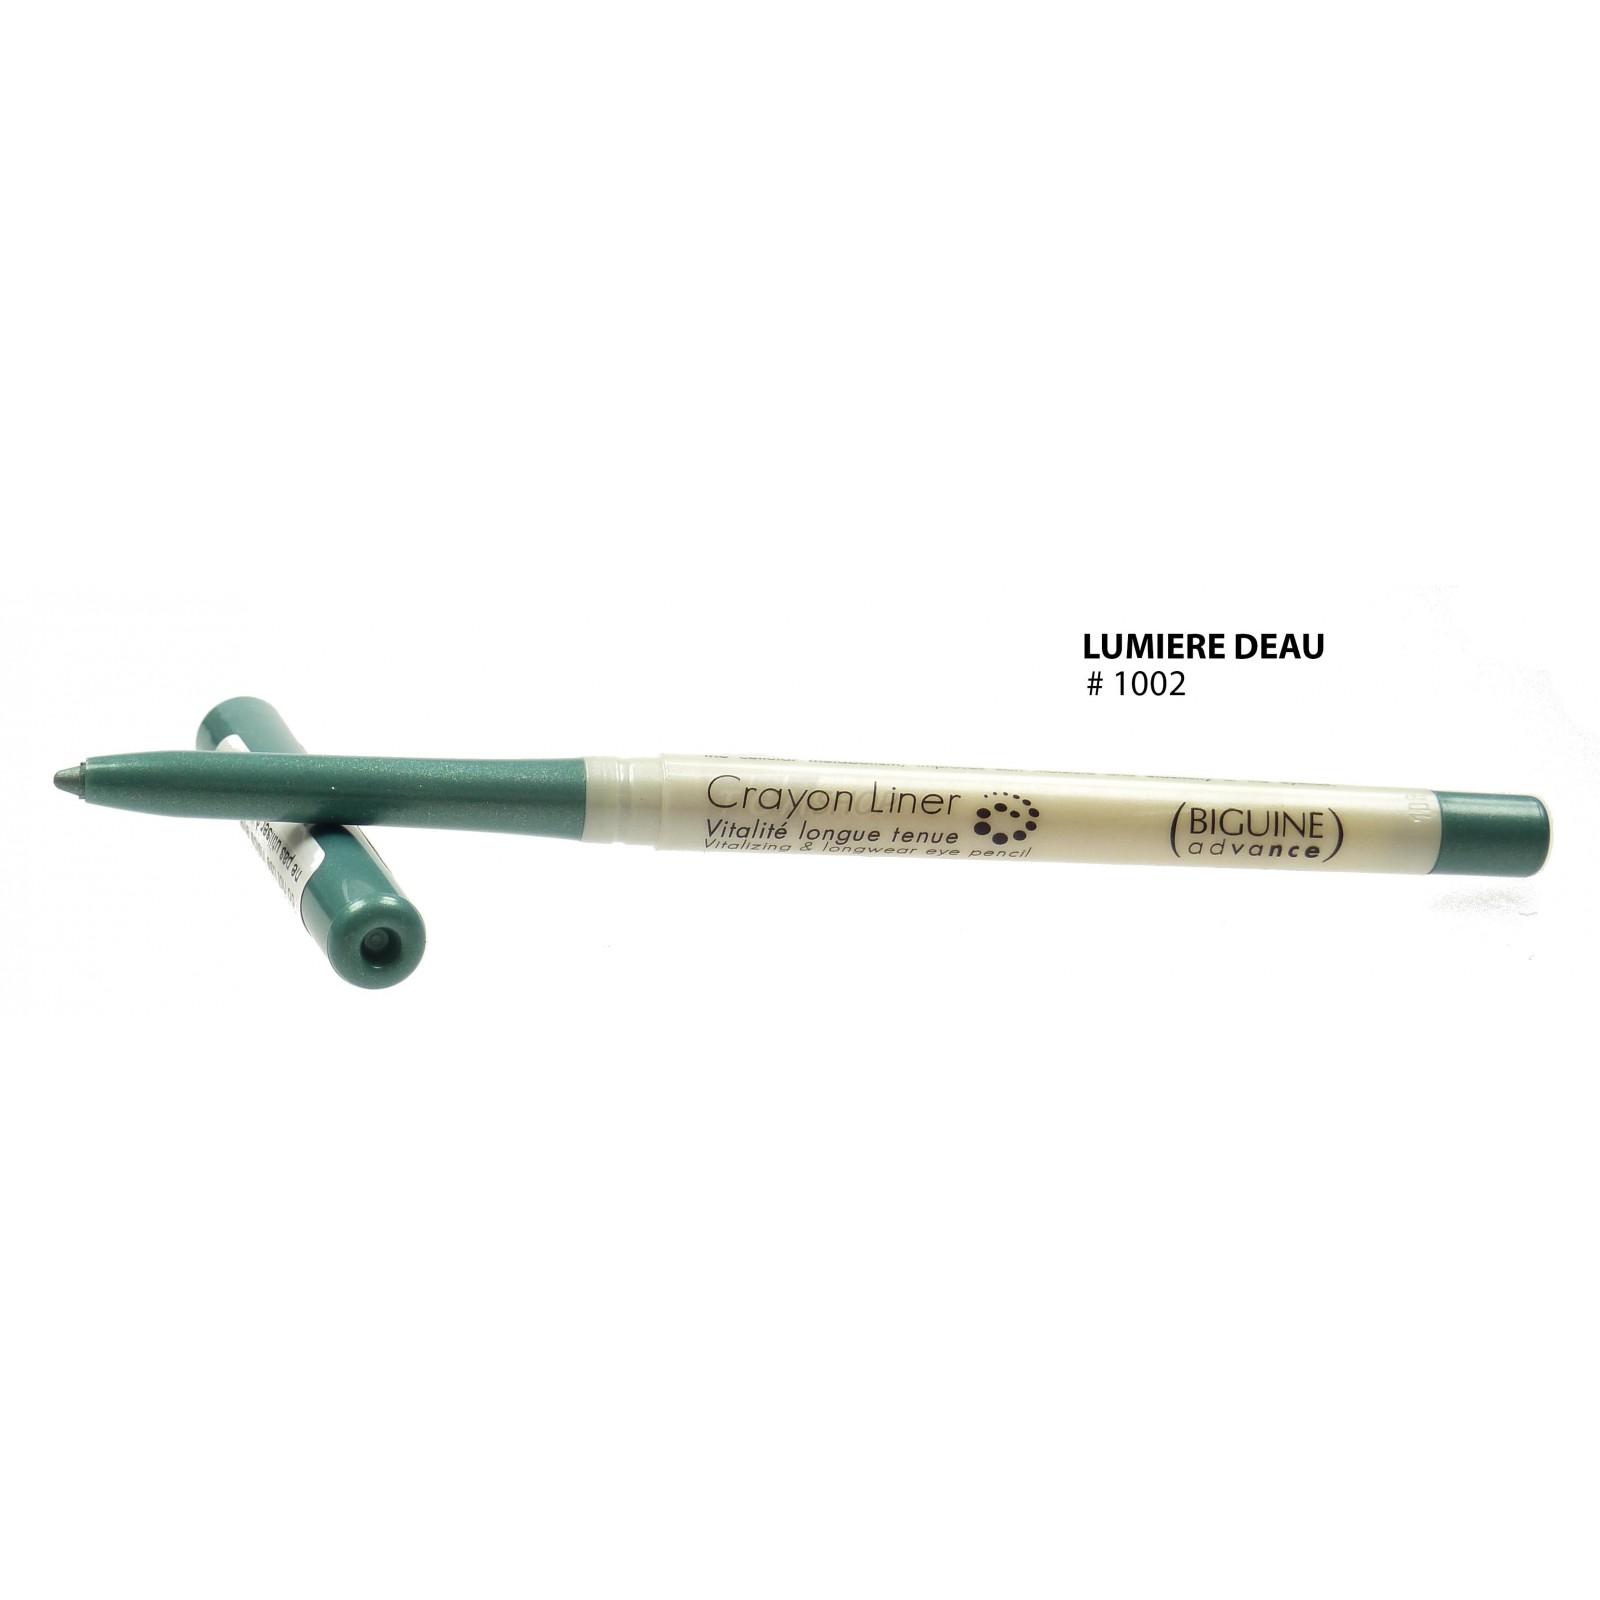 BIGUINE ADVANCE - CRAYON LINER VITALITE LONGUE TENUE Augen Stift Make up - 0-35g - 1002 Lumiere d-eau